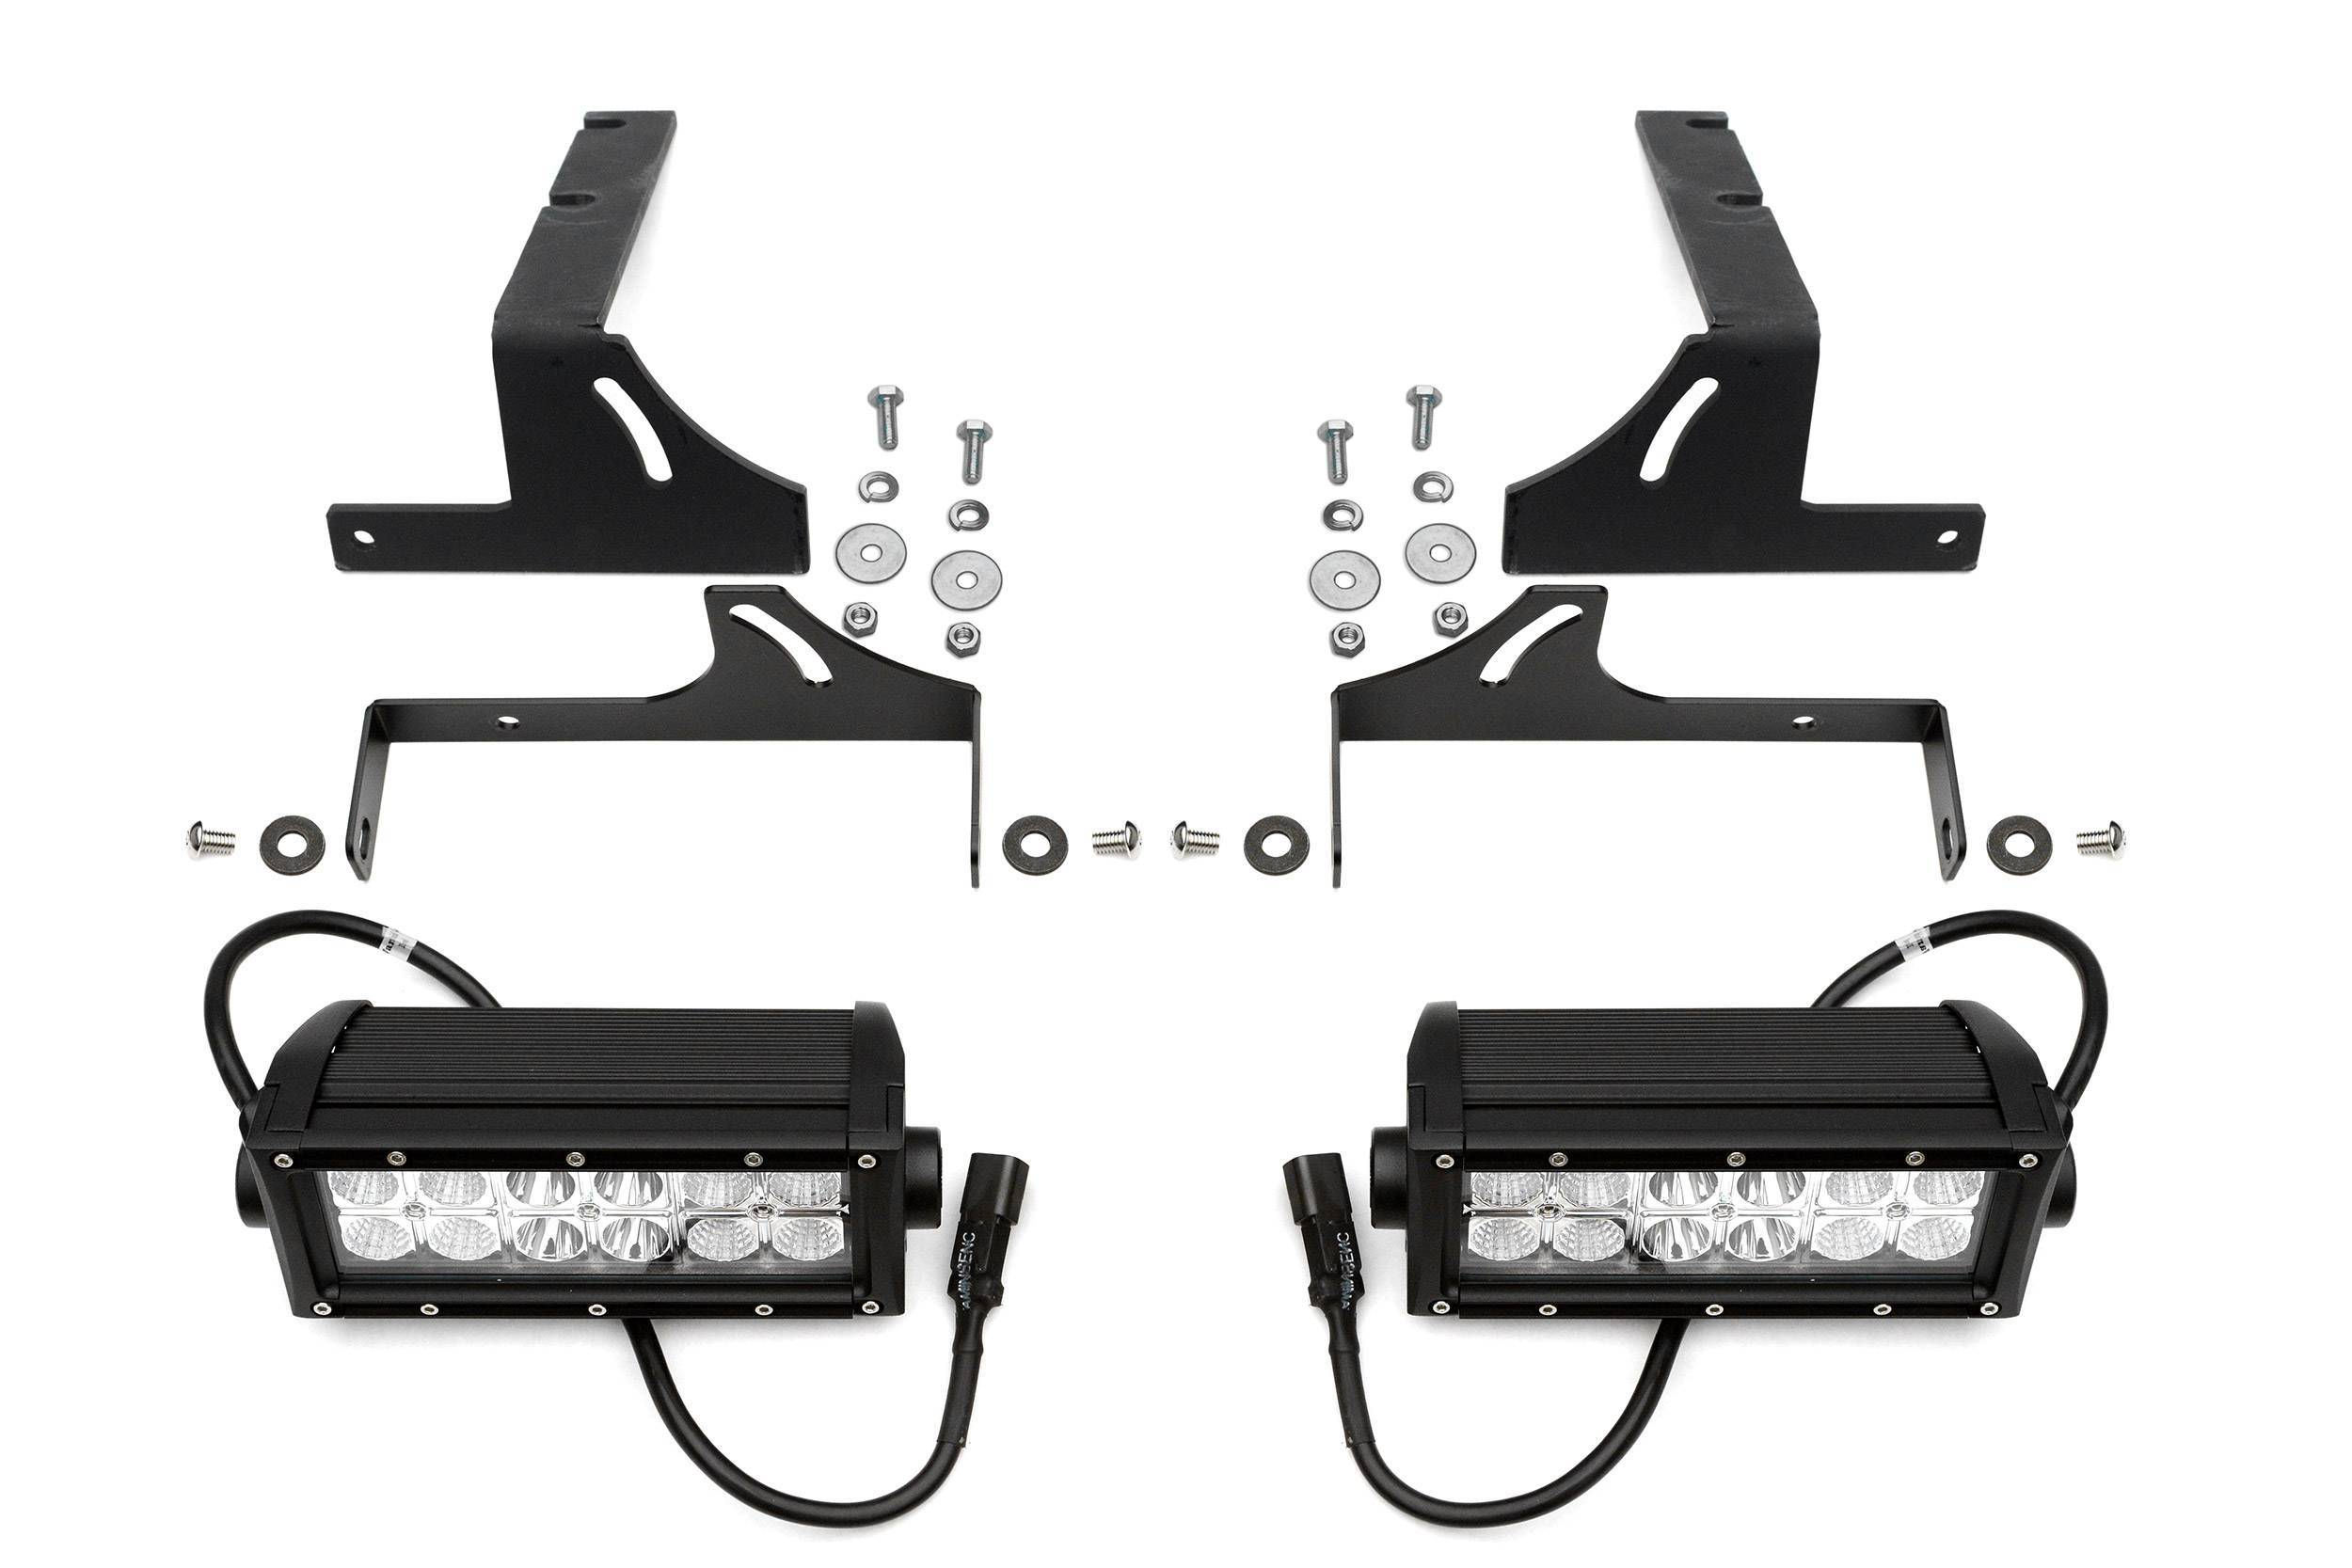 ZROADZ - 2015-2019 Silverado, Sierra HD Diesel models - Rear Bumper LED Kit with (2) 6 Inch LED Straight Double Row Light Bars - PN #Z381421-KIT